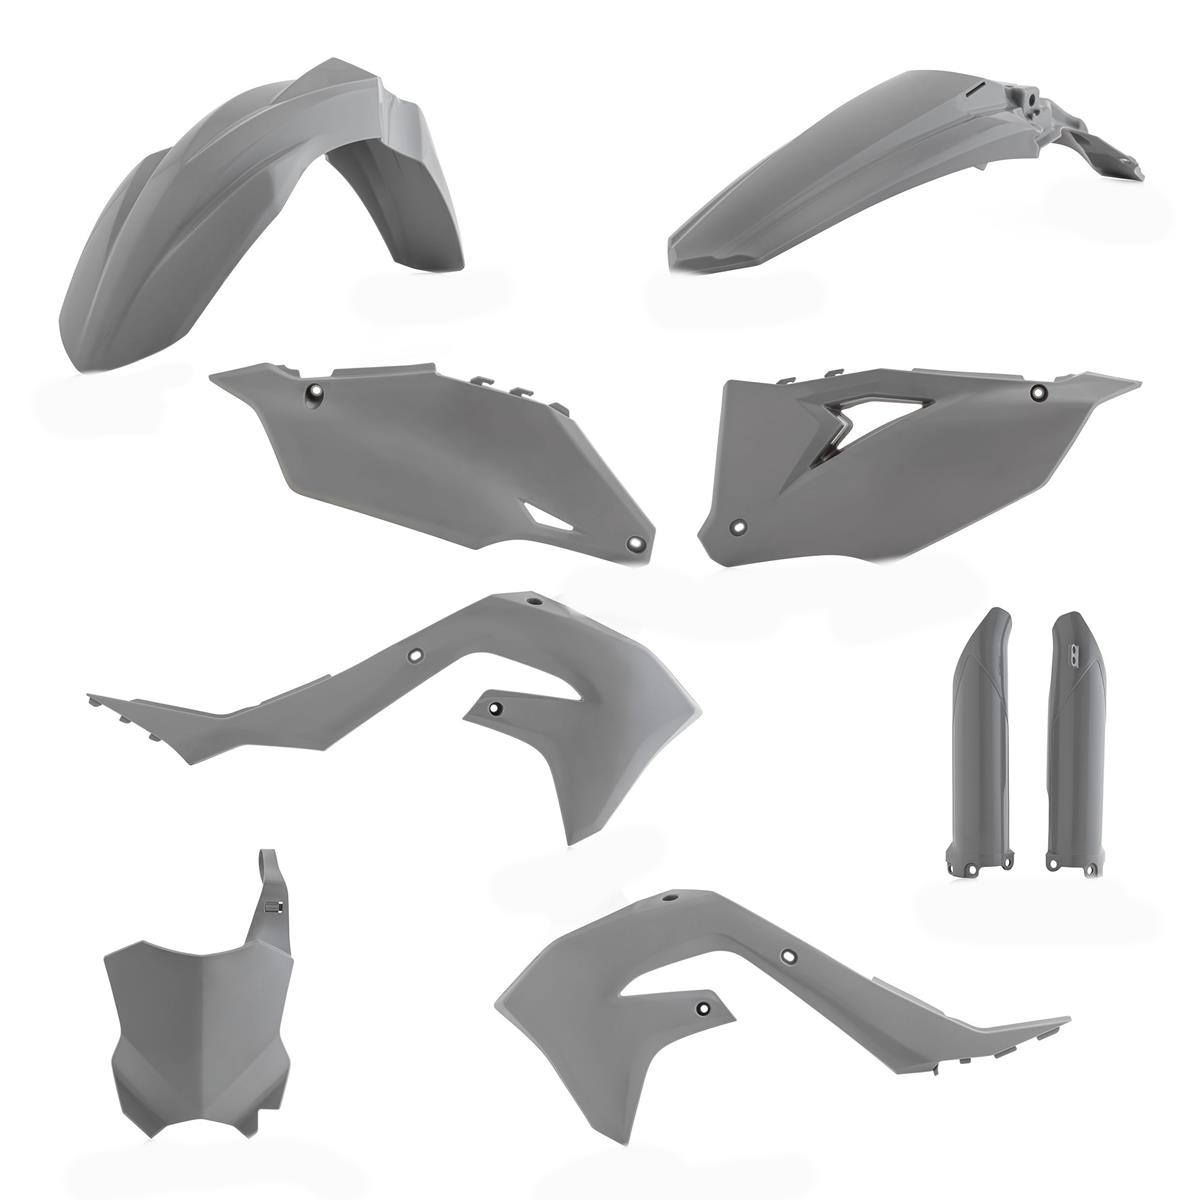 acerbis-plastik-kit-plastic-kit-full-kit-1 (2)4503